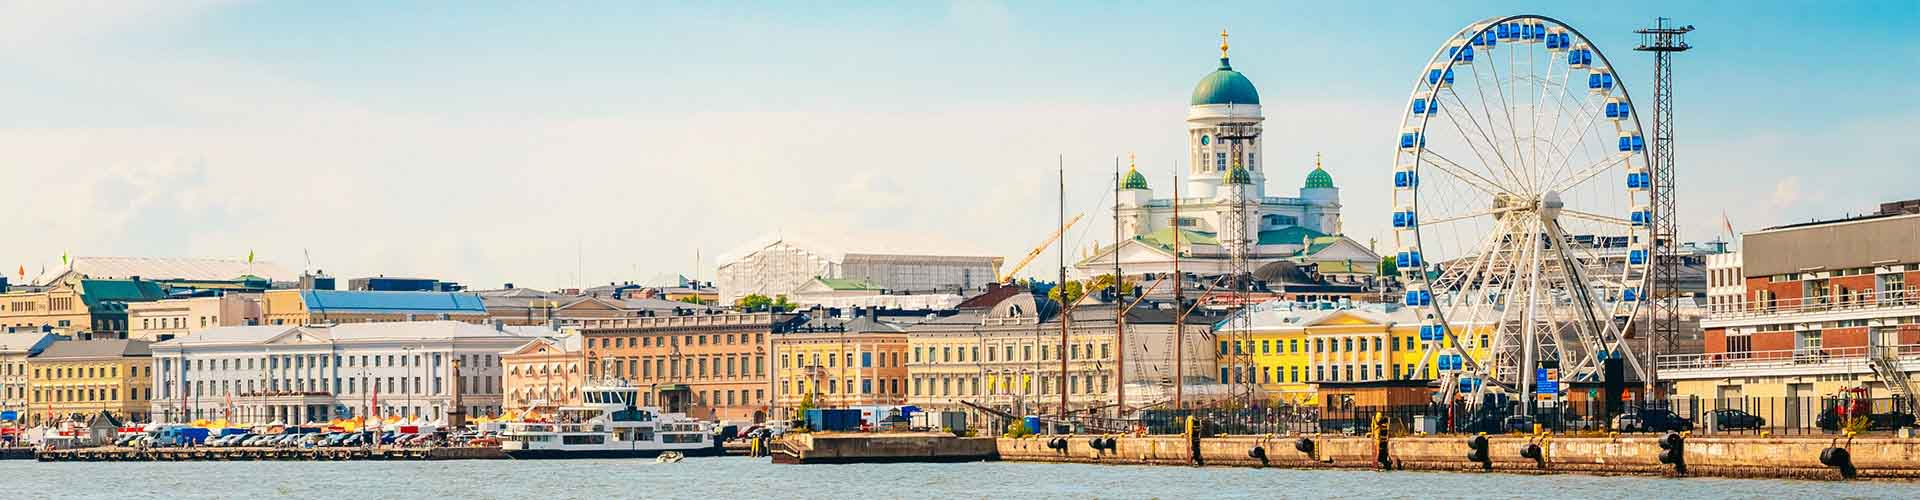 Helsinki - Habitaciones cerca a Suomenlinna. Mapas de Helsinki, Fotos y comentarios de cada Habitación en Helsinki.